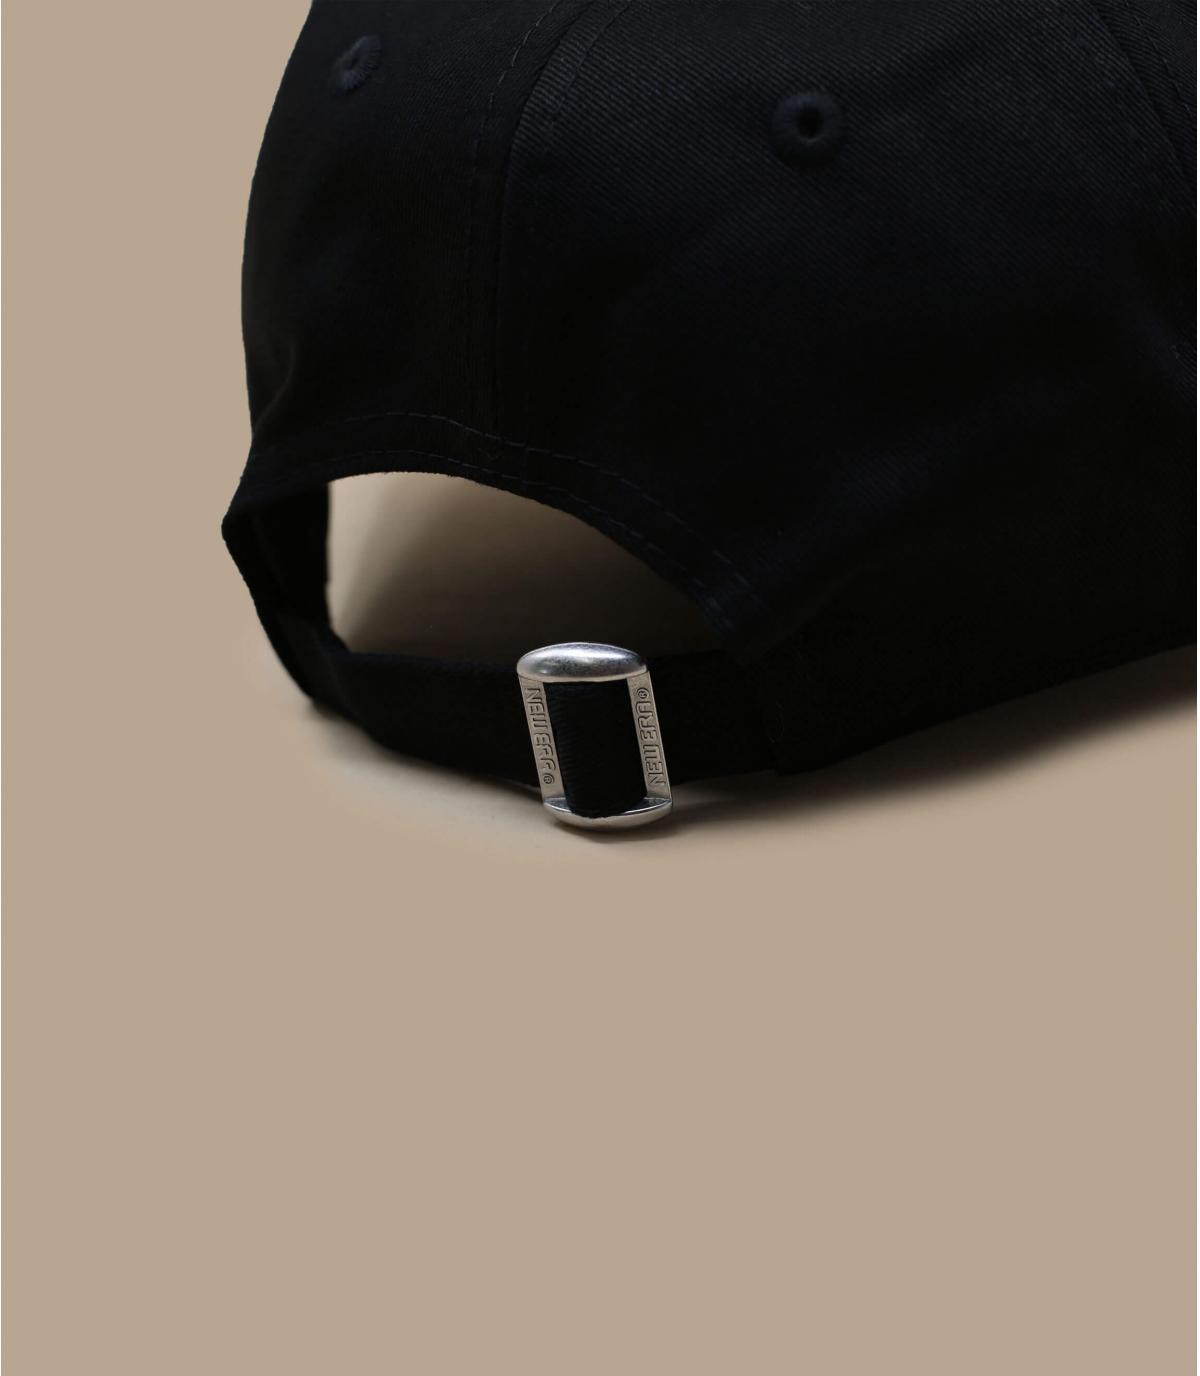 Détails Casquette NY 9forty noire ajustable - image 3